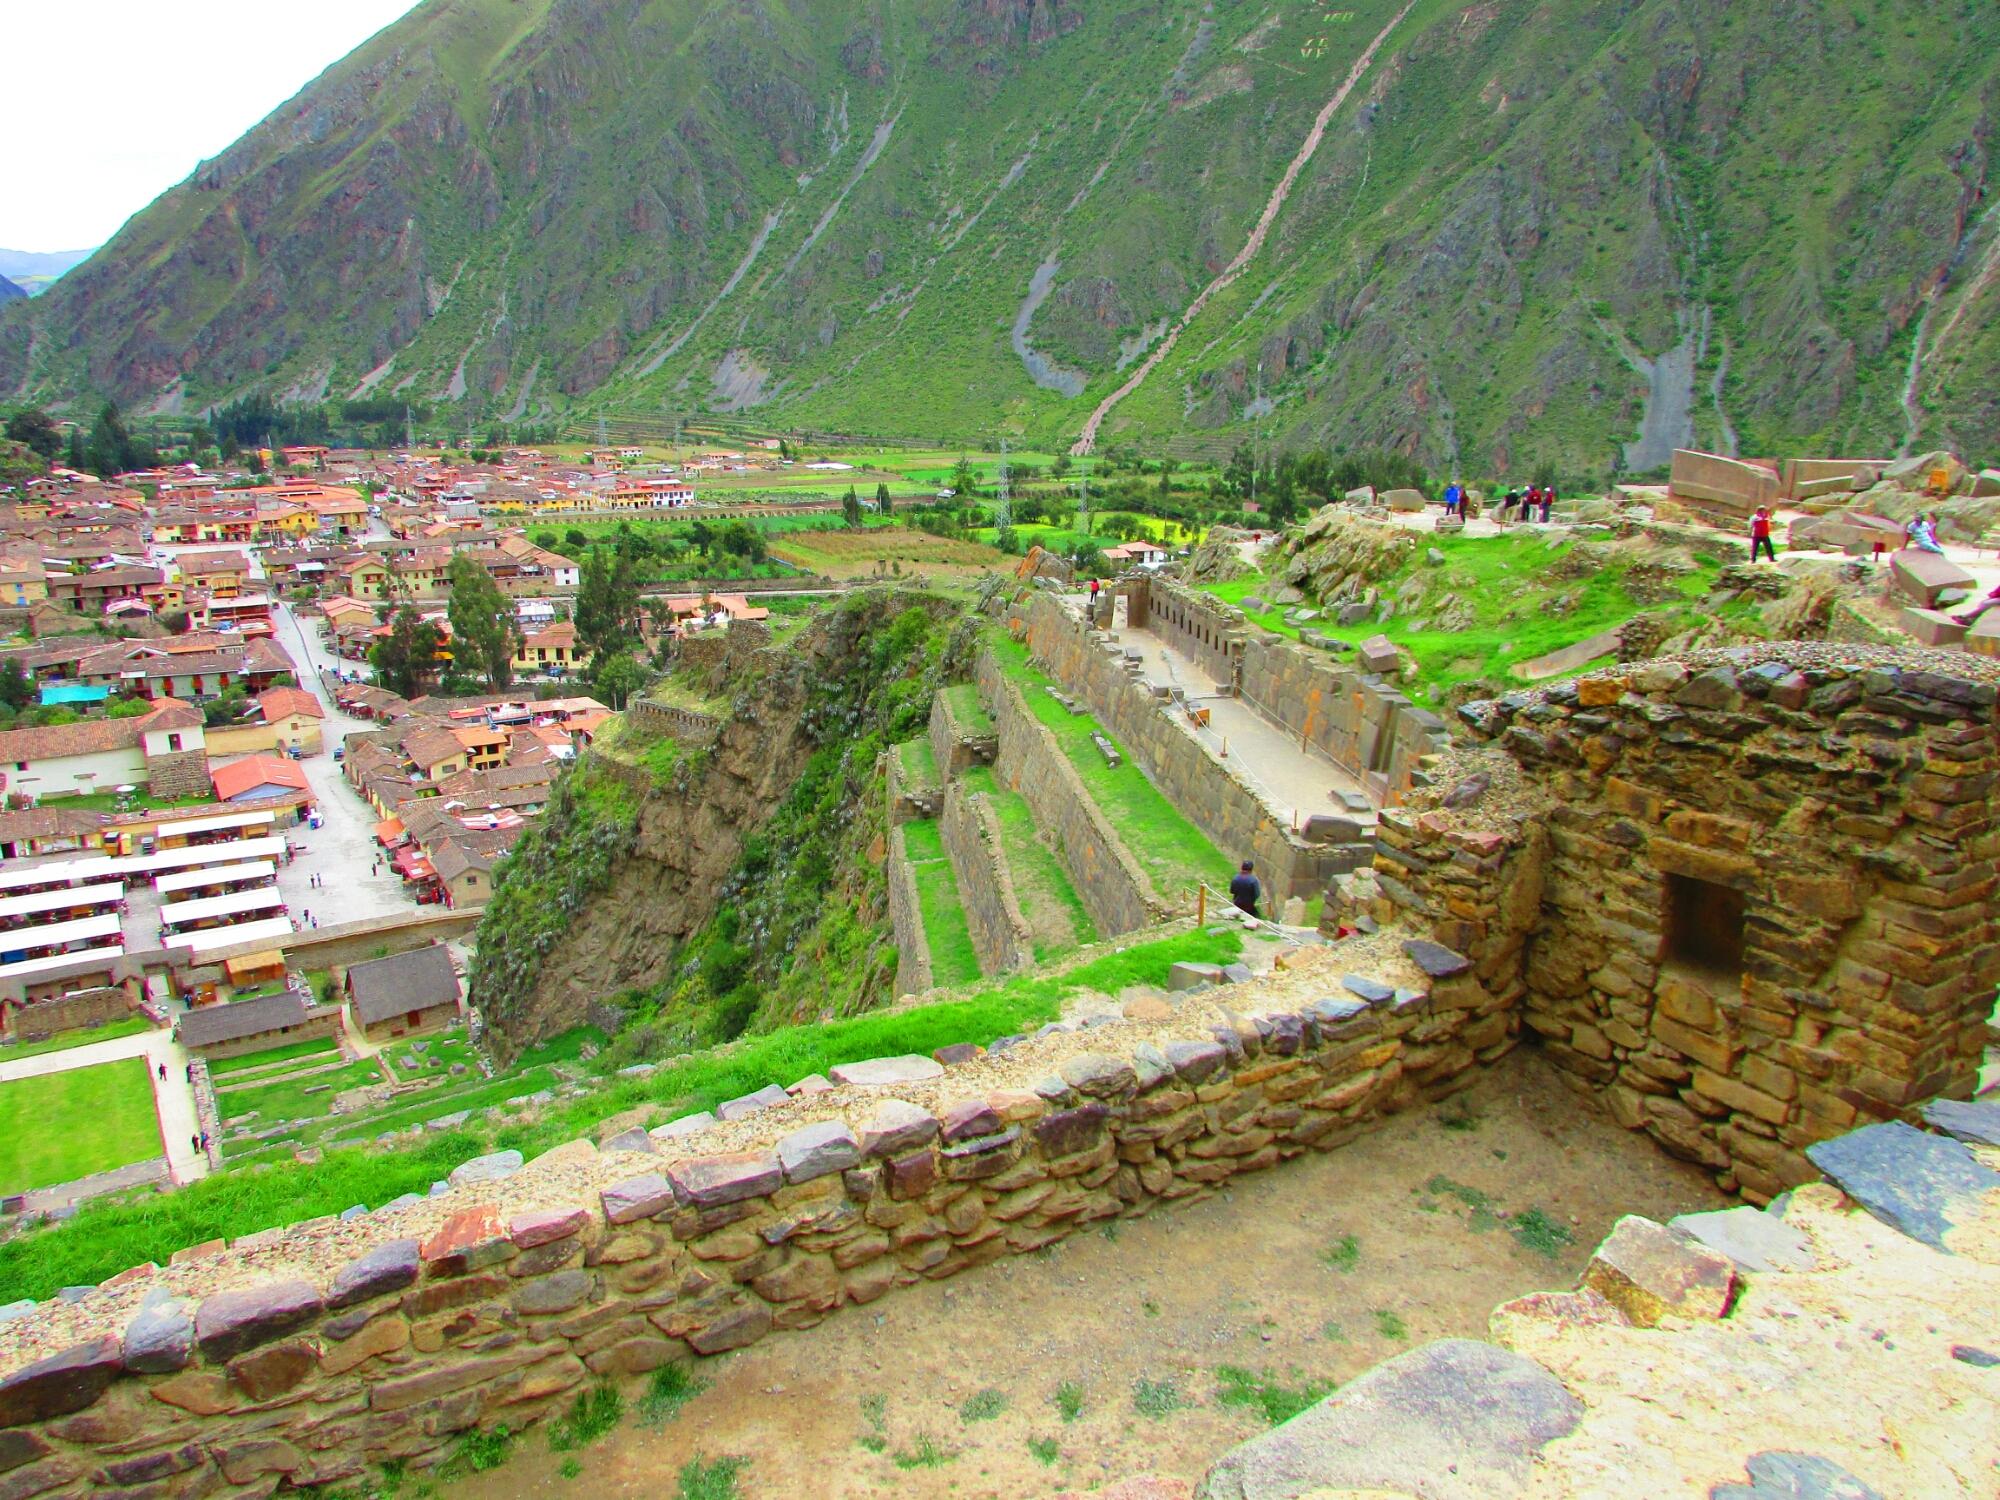 vista del pueblo y de las ruinas incas de Ollataytambo en el Valle Sagrado cerca de Cuzco